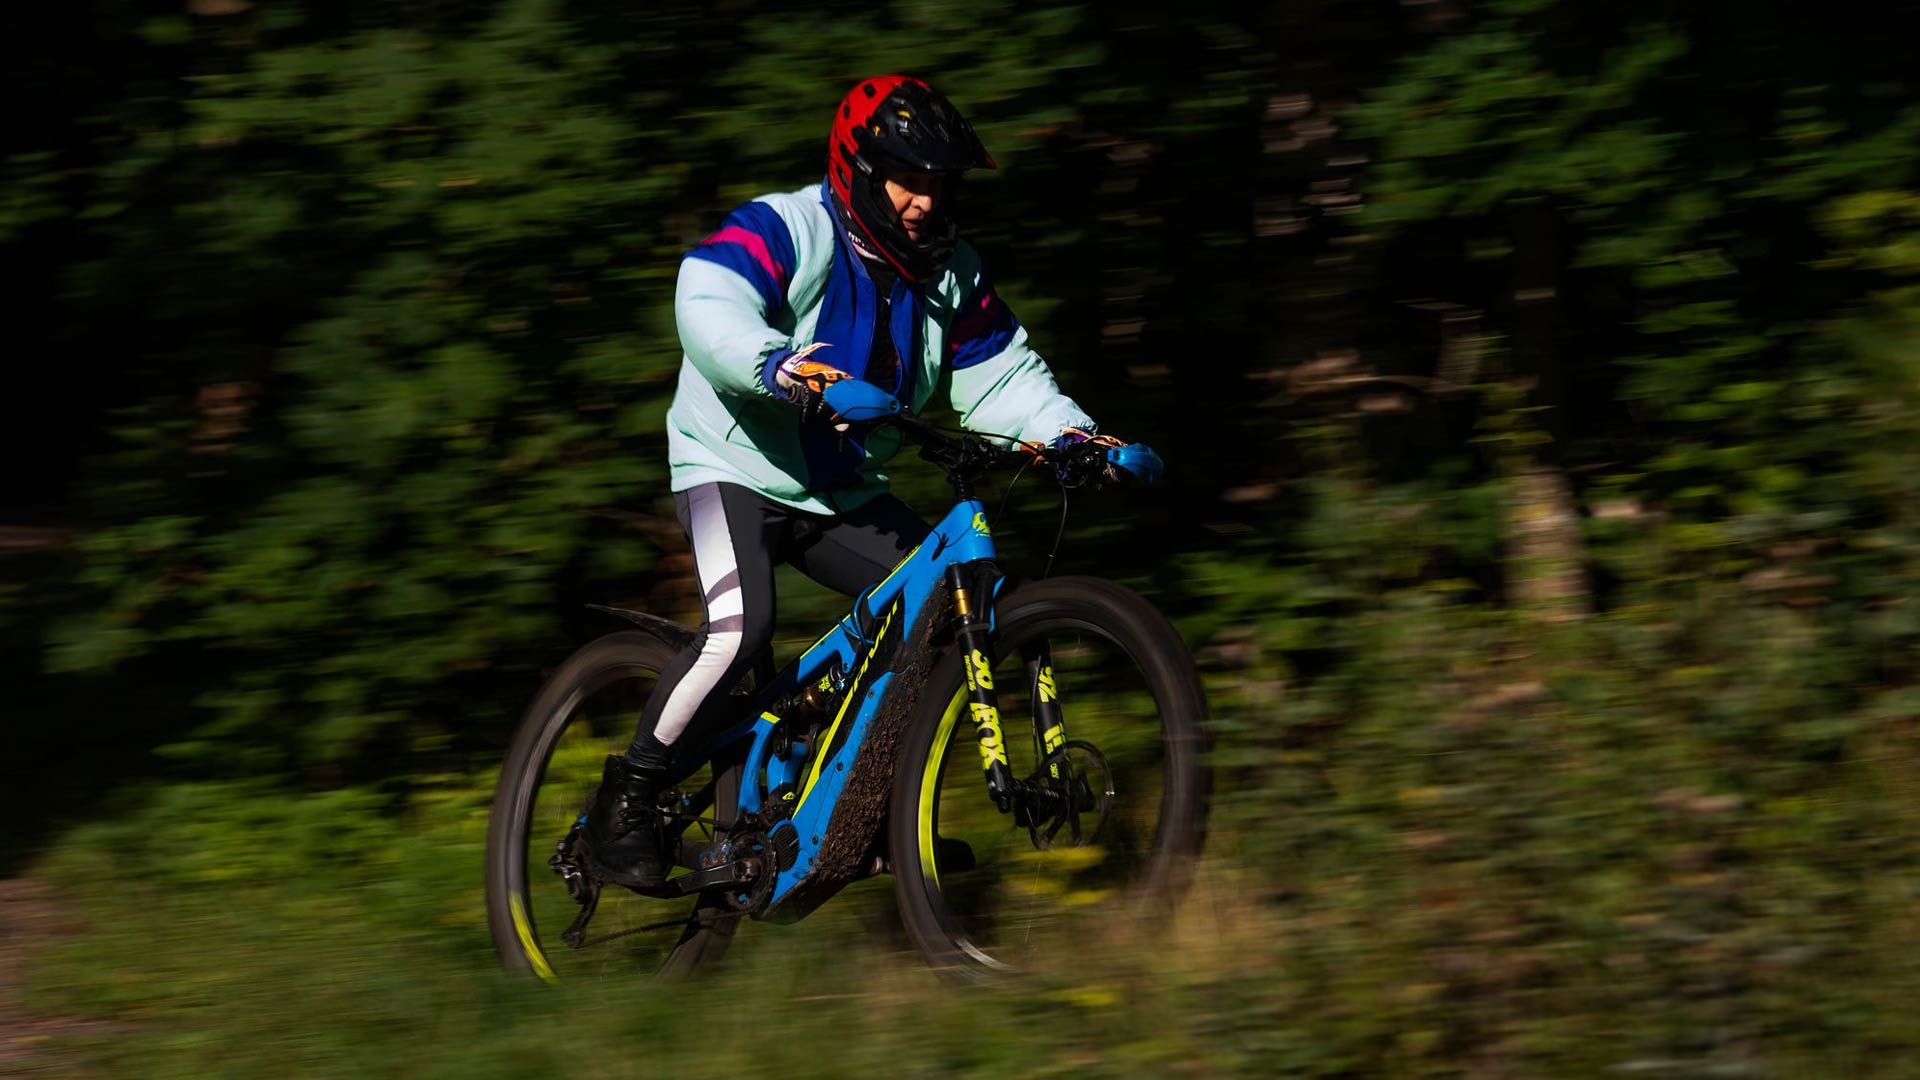 Loukkaantuminen piti Seppo Paakkisen sivussa urheilukentiltä, mutta sähköavusteinen polkupyörä muutti elämän. Paakkinen polkee parhaimmillaan kaksi lenkkiä päivässä.